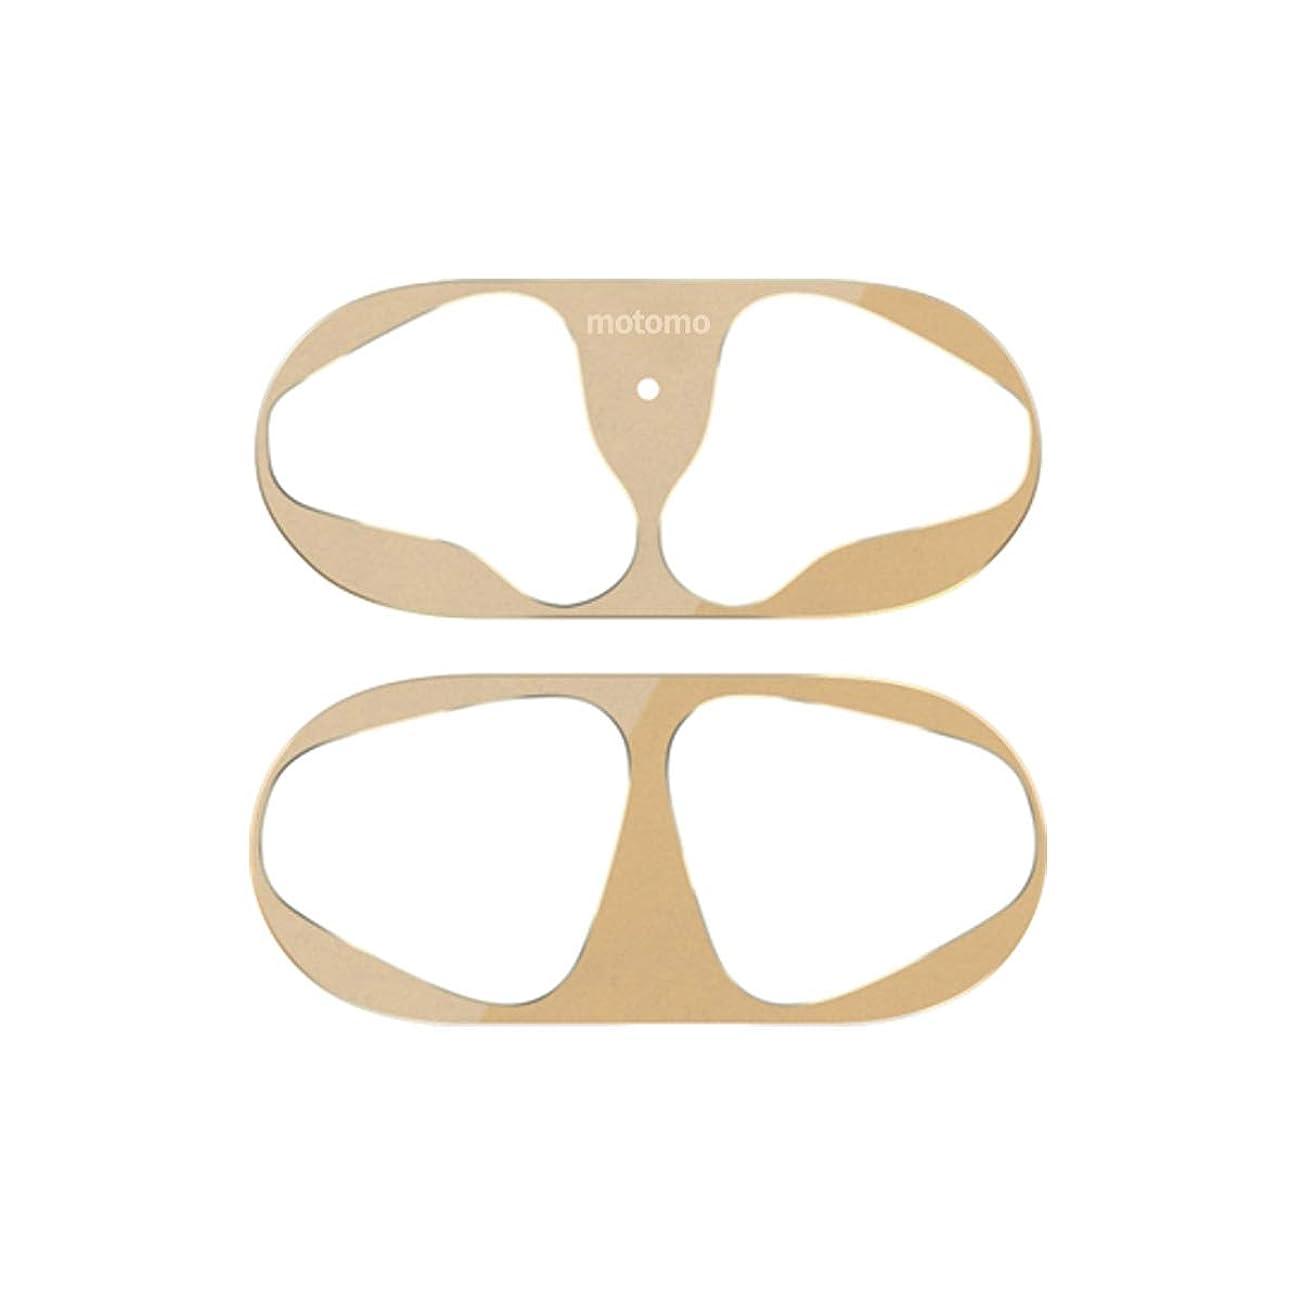 三角上下するのみmotomo AirPods用 Dust Guard 金属粉侵入防止シール ゴールド エアーポッズ ダストガード for AirPods 粉塵 防塵 第1世代対応 第2世代収納可能 金属製 汚れ防止 【日本正規代理店品】